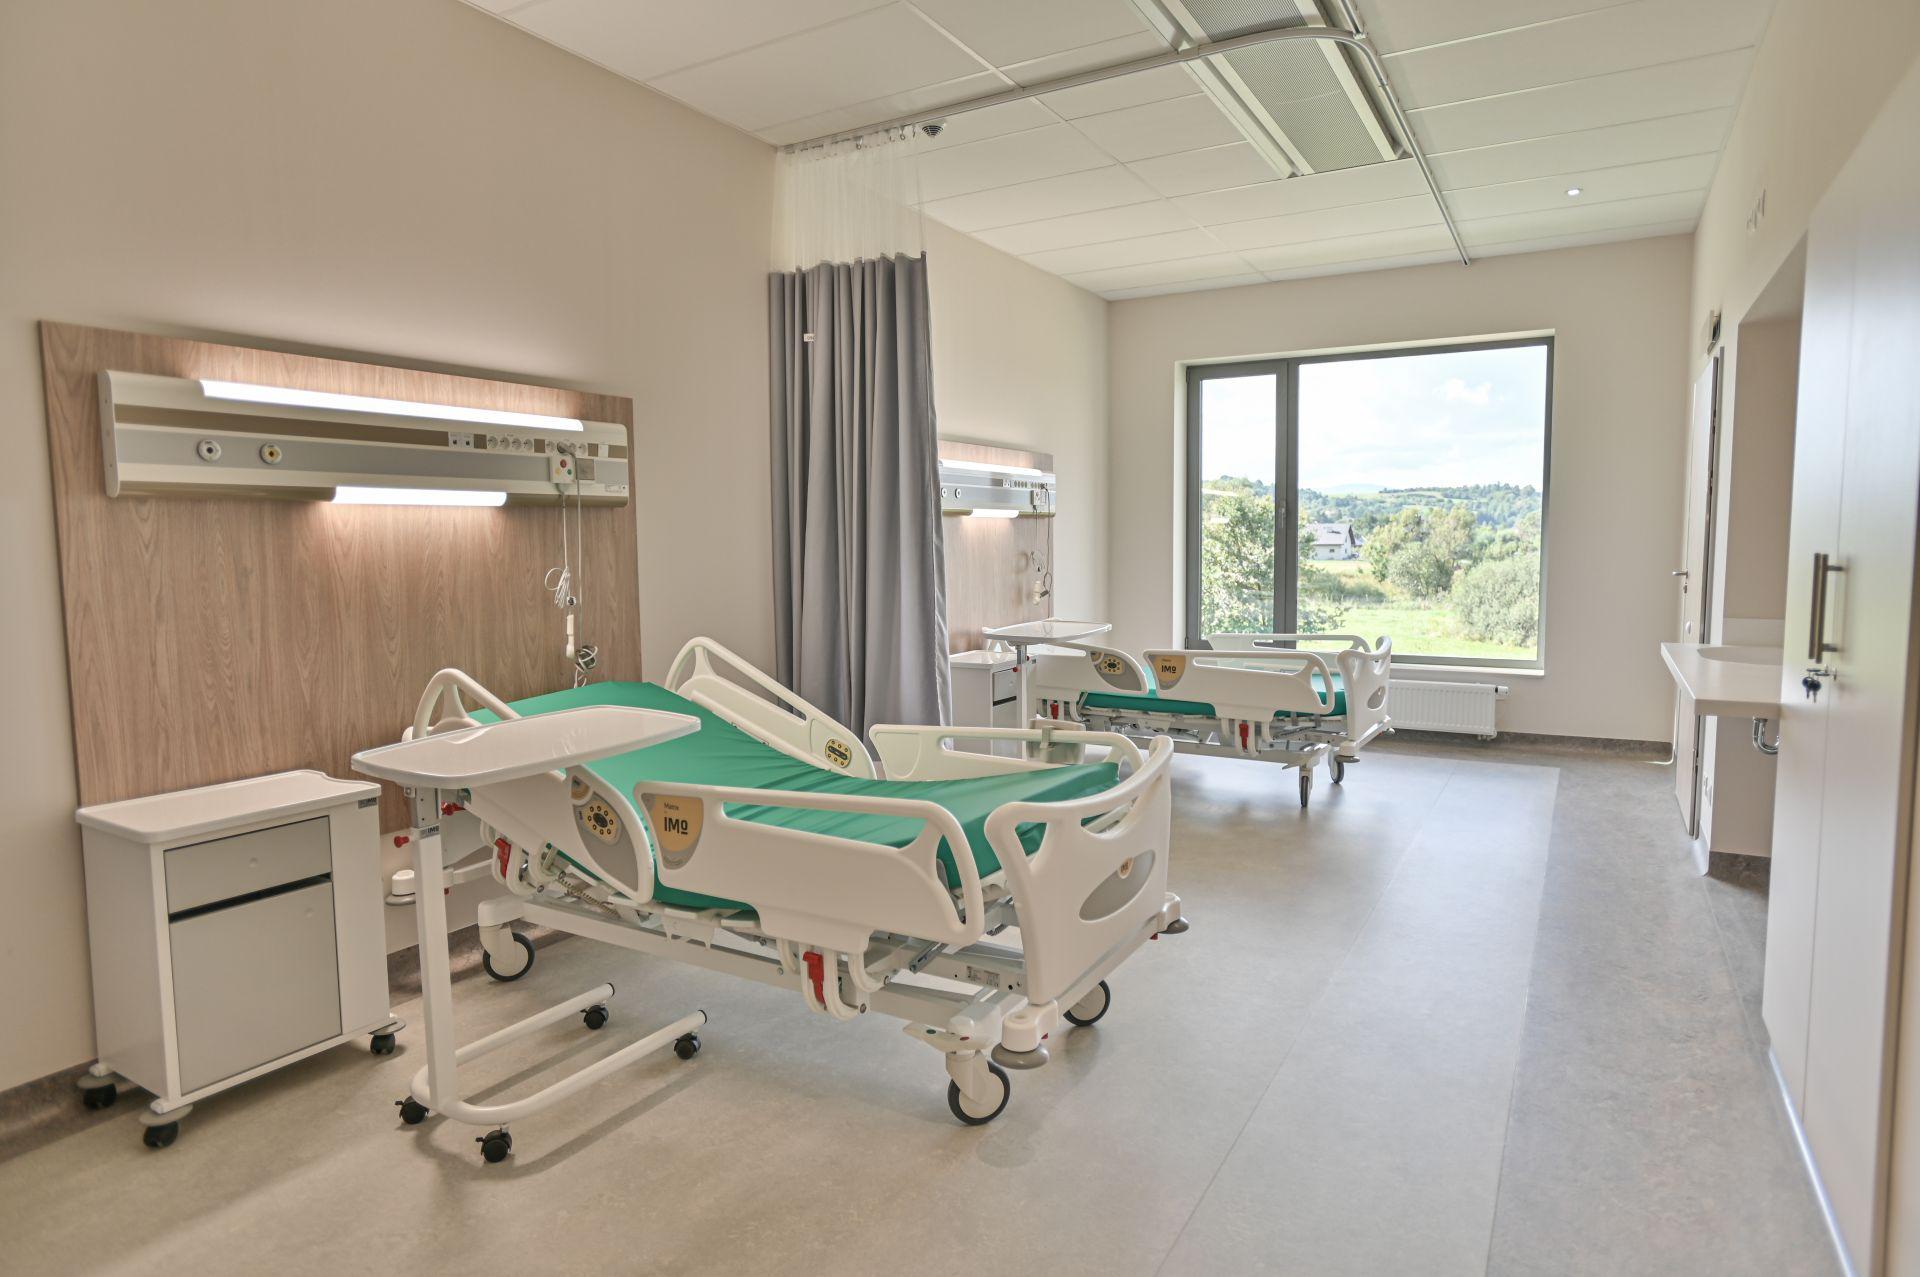 Pokój matki i dziecka Szpitala Żywiec